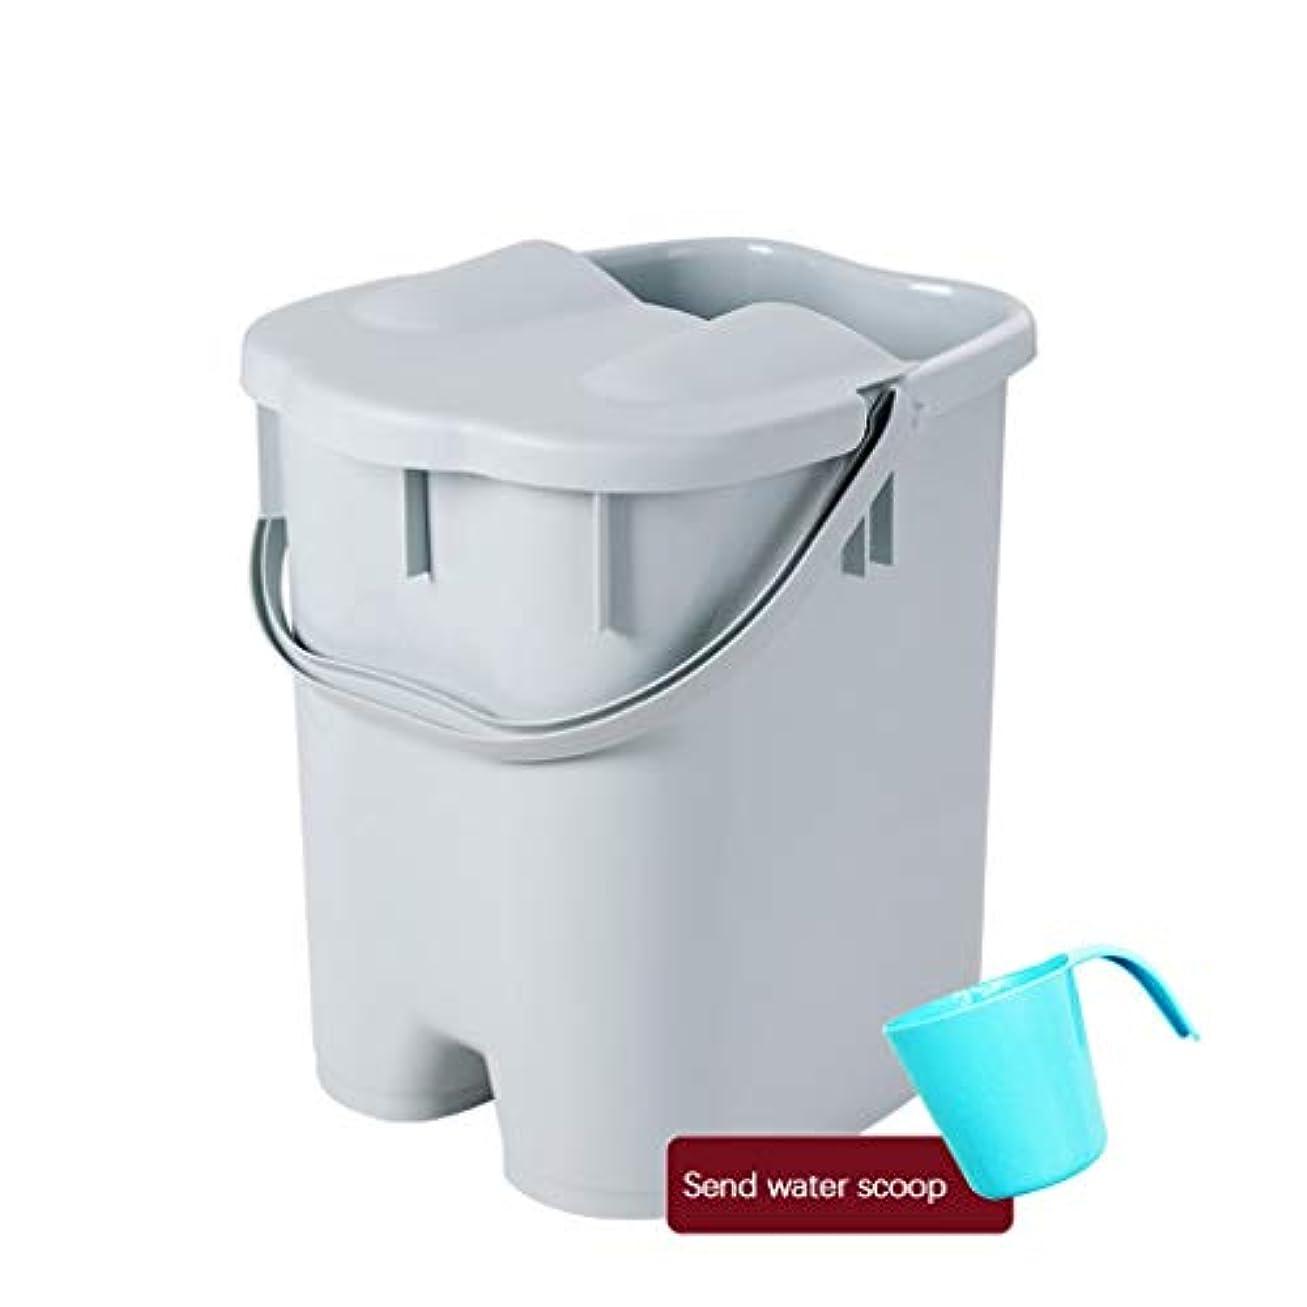 各浸透する激しいフットバスバレル- ?AMTポータブルマッサージ浴槽プラスチック足湯バケツ付き蓋保温足風呂盆地大人スパボウル世帯 Relax foot (色 : Gray, サイズ さいず : 27*31*41cm)